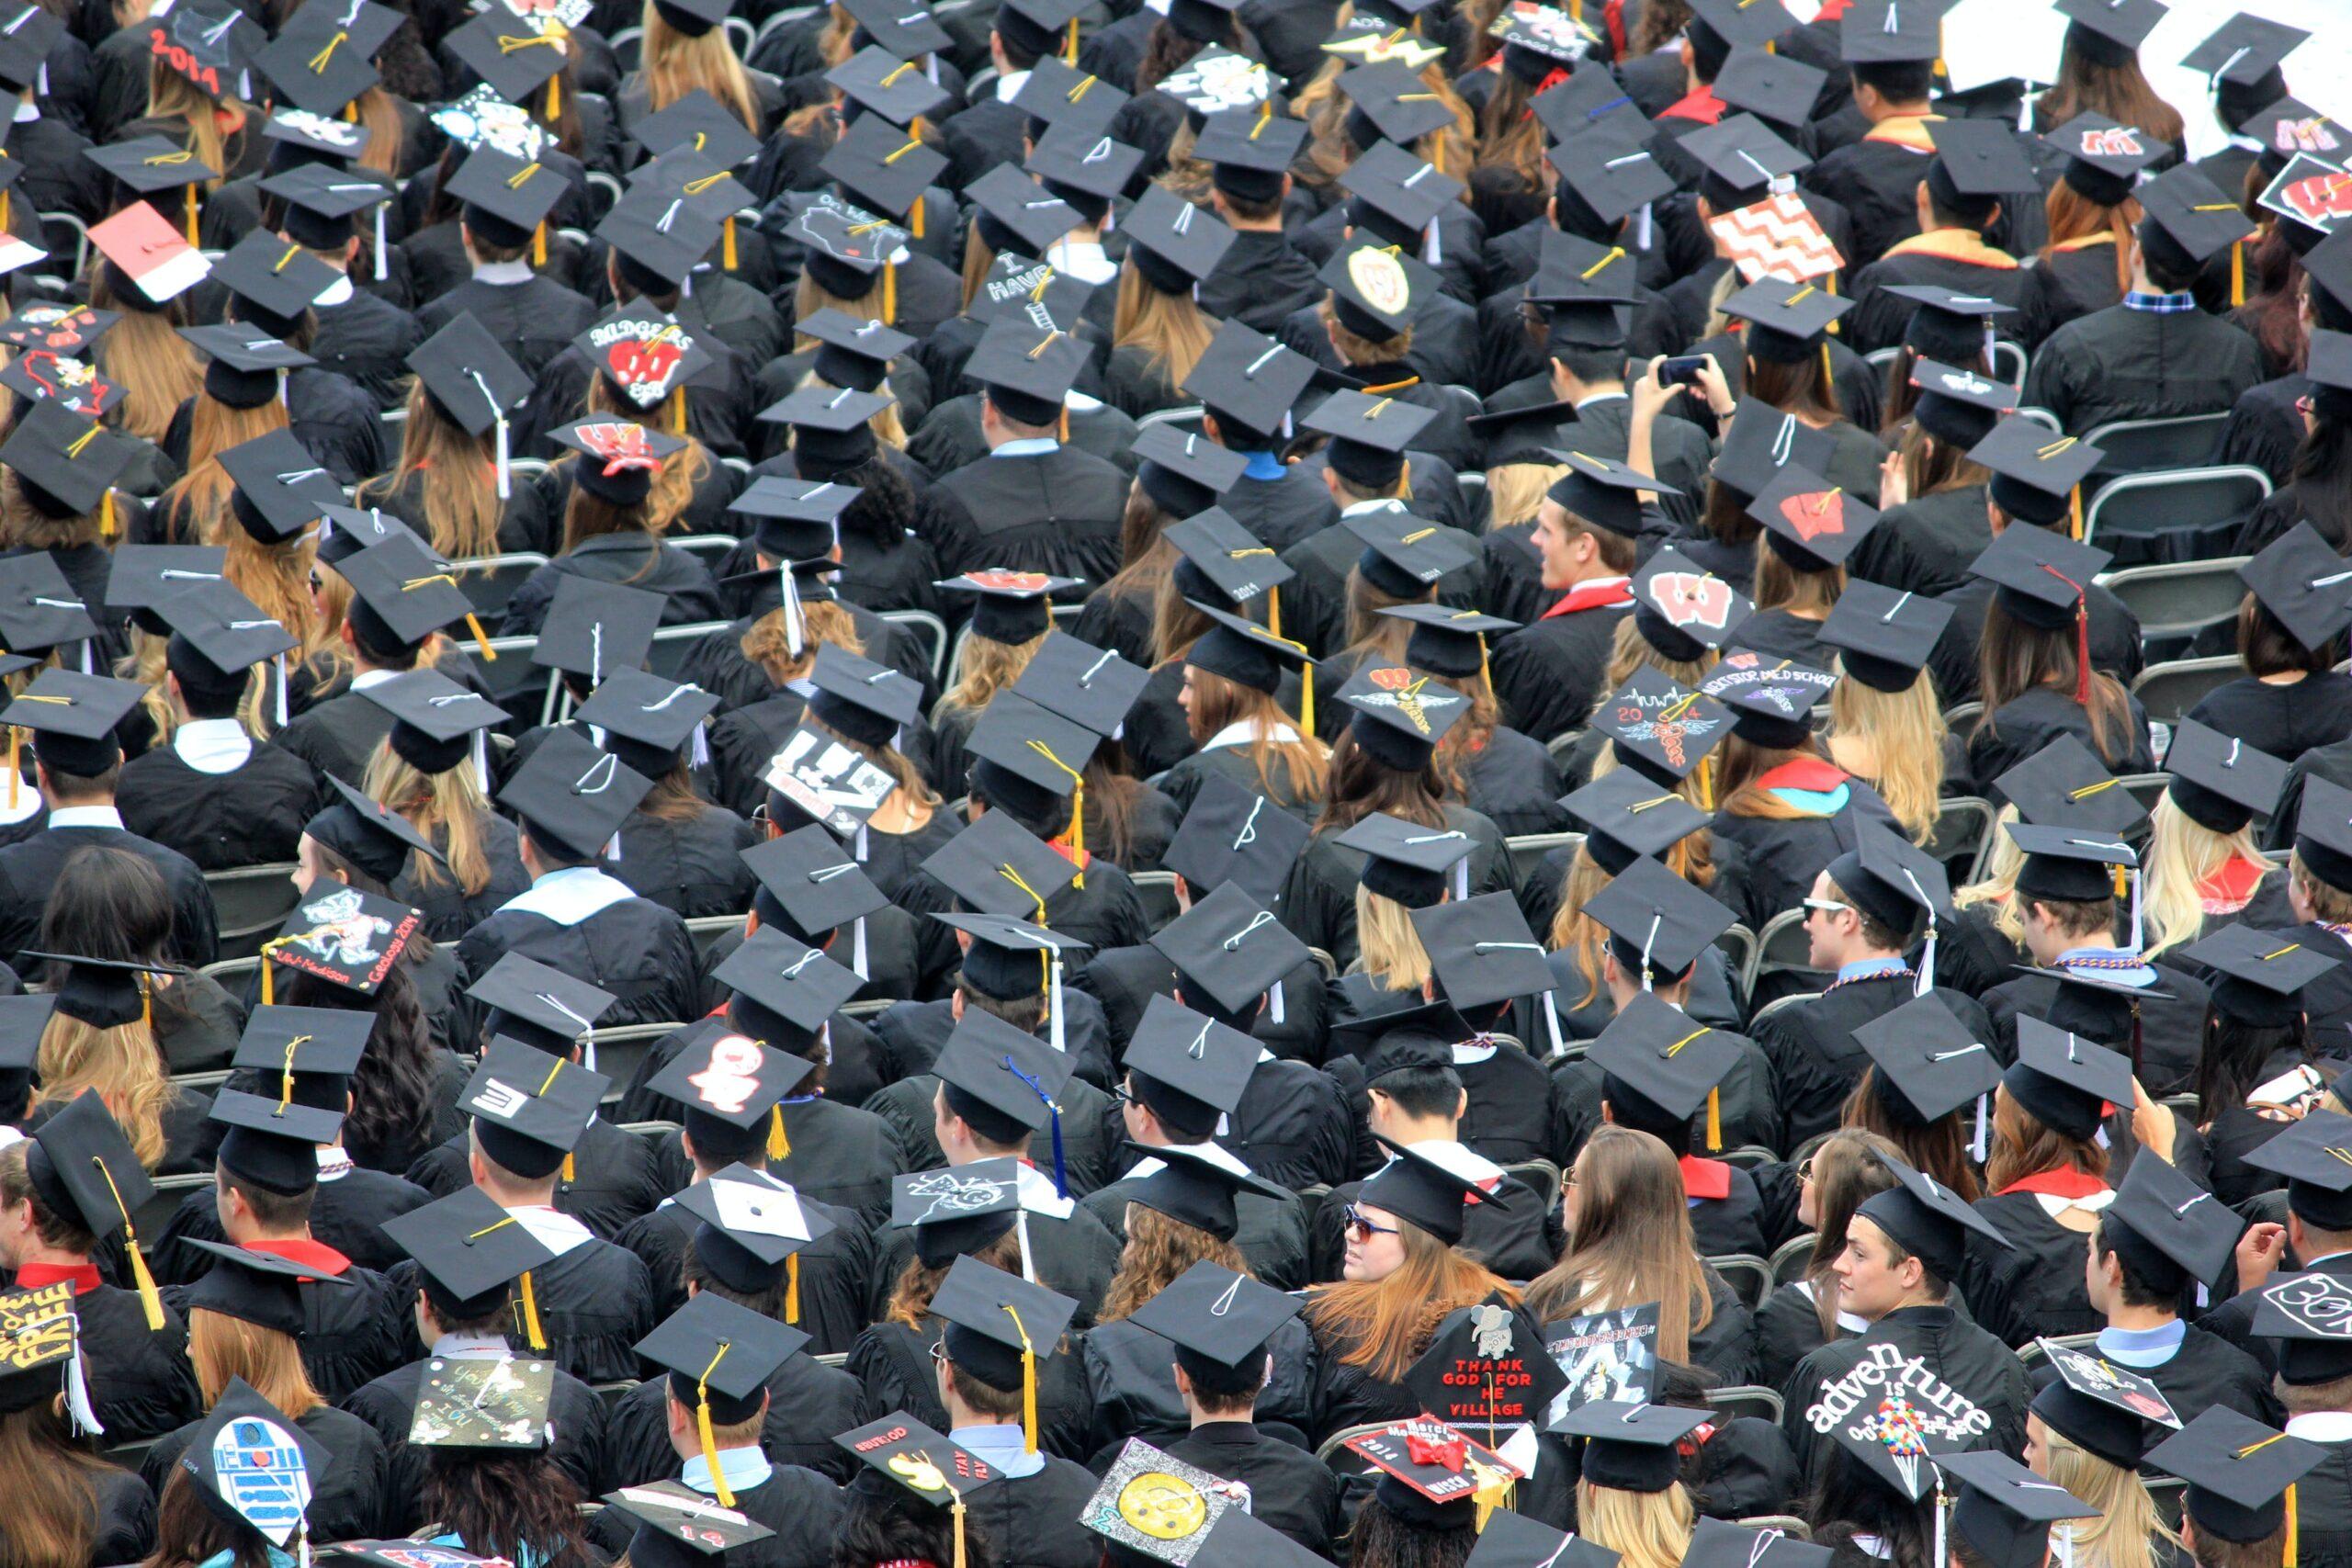 Francisco Marmolejo Debemos reimaginar la educación superior, no solo repararla